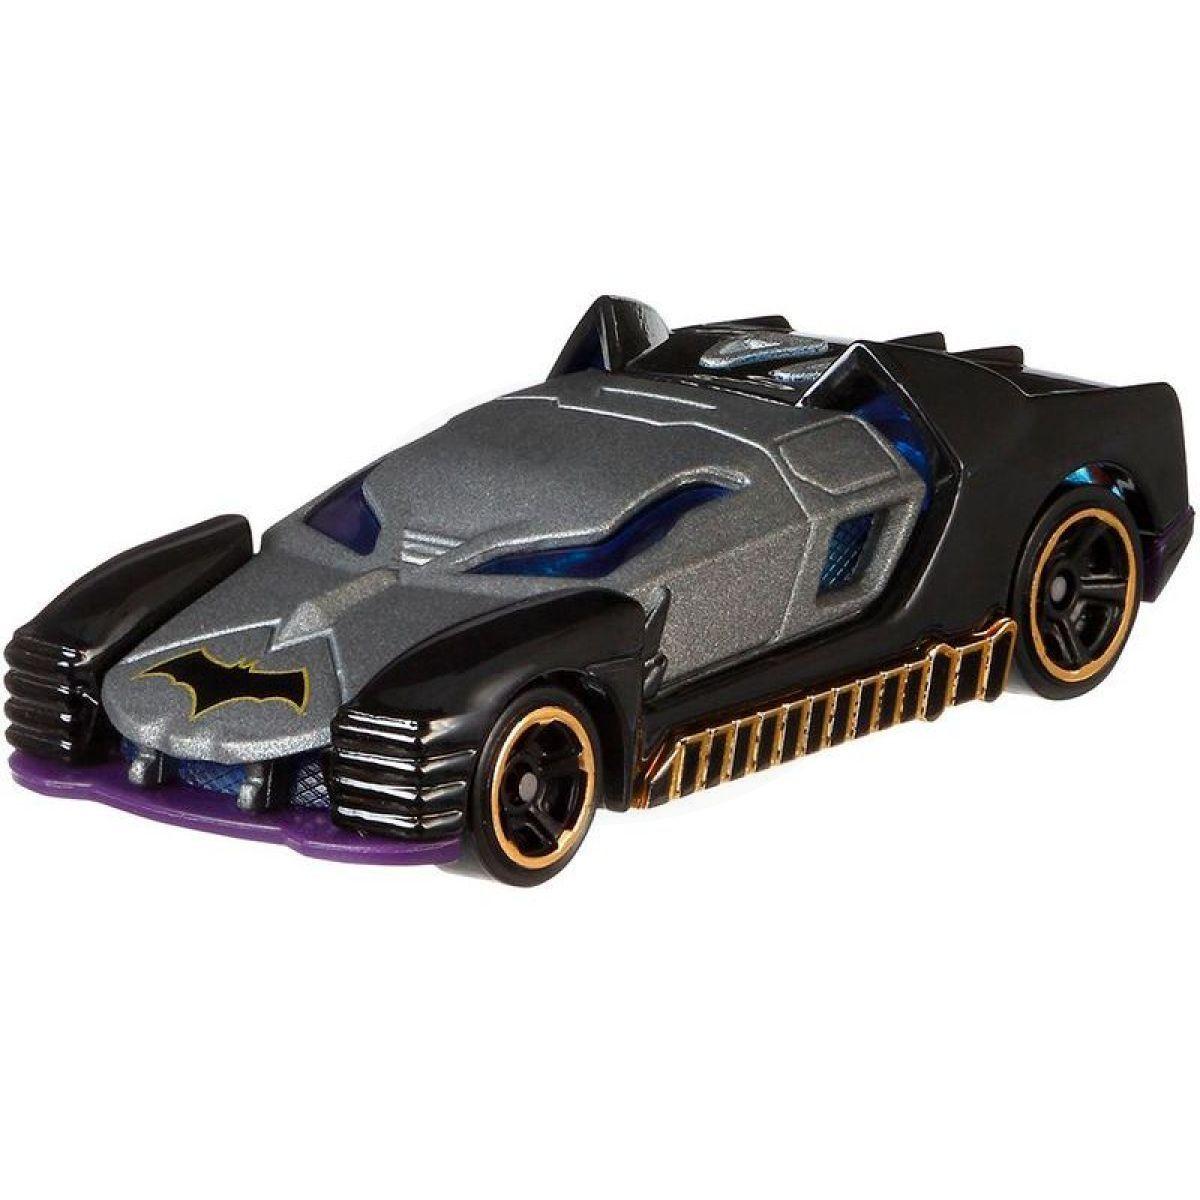 Hot Wheels DC kultovní angličák Batman Rebirth